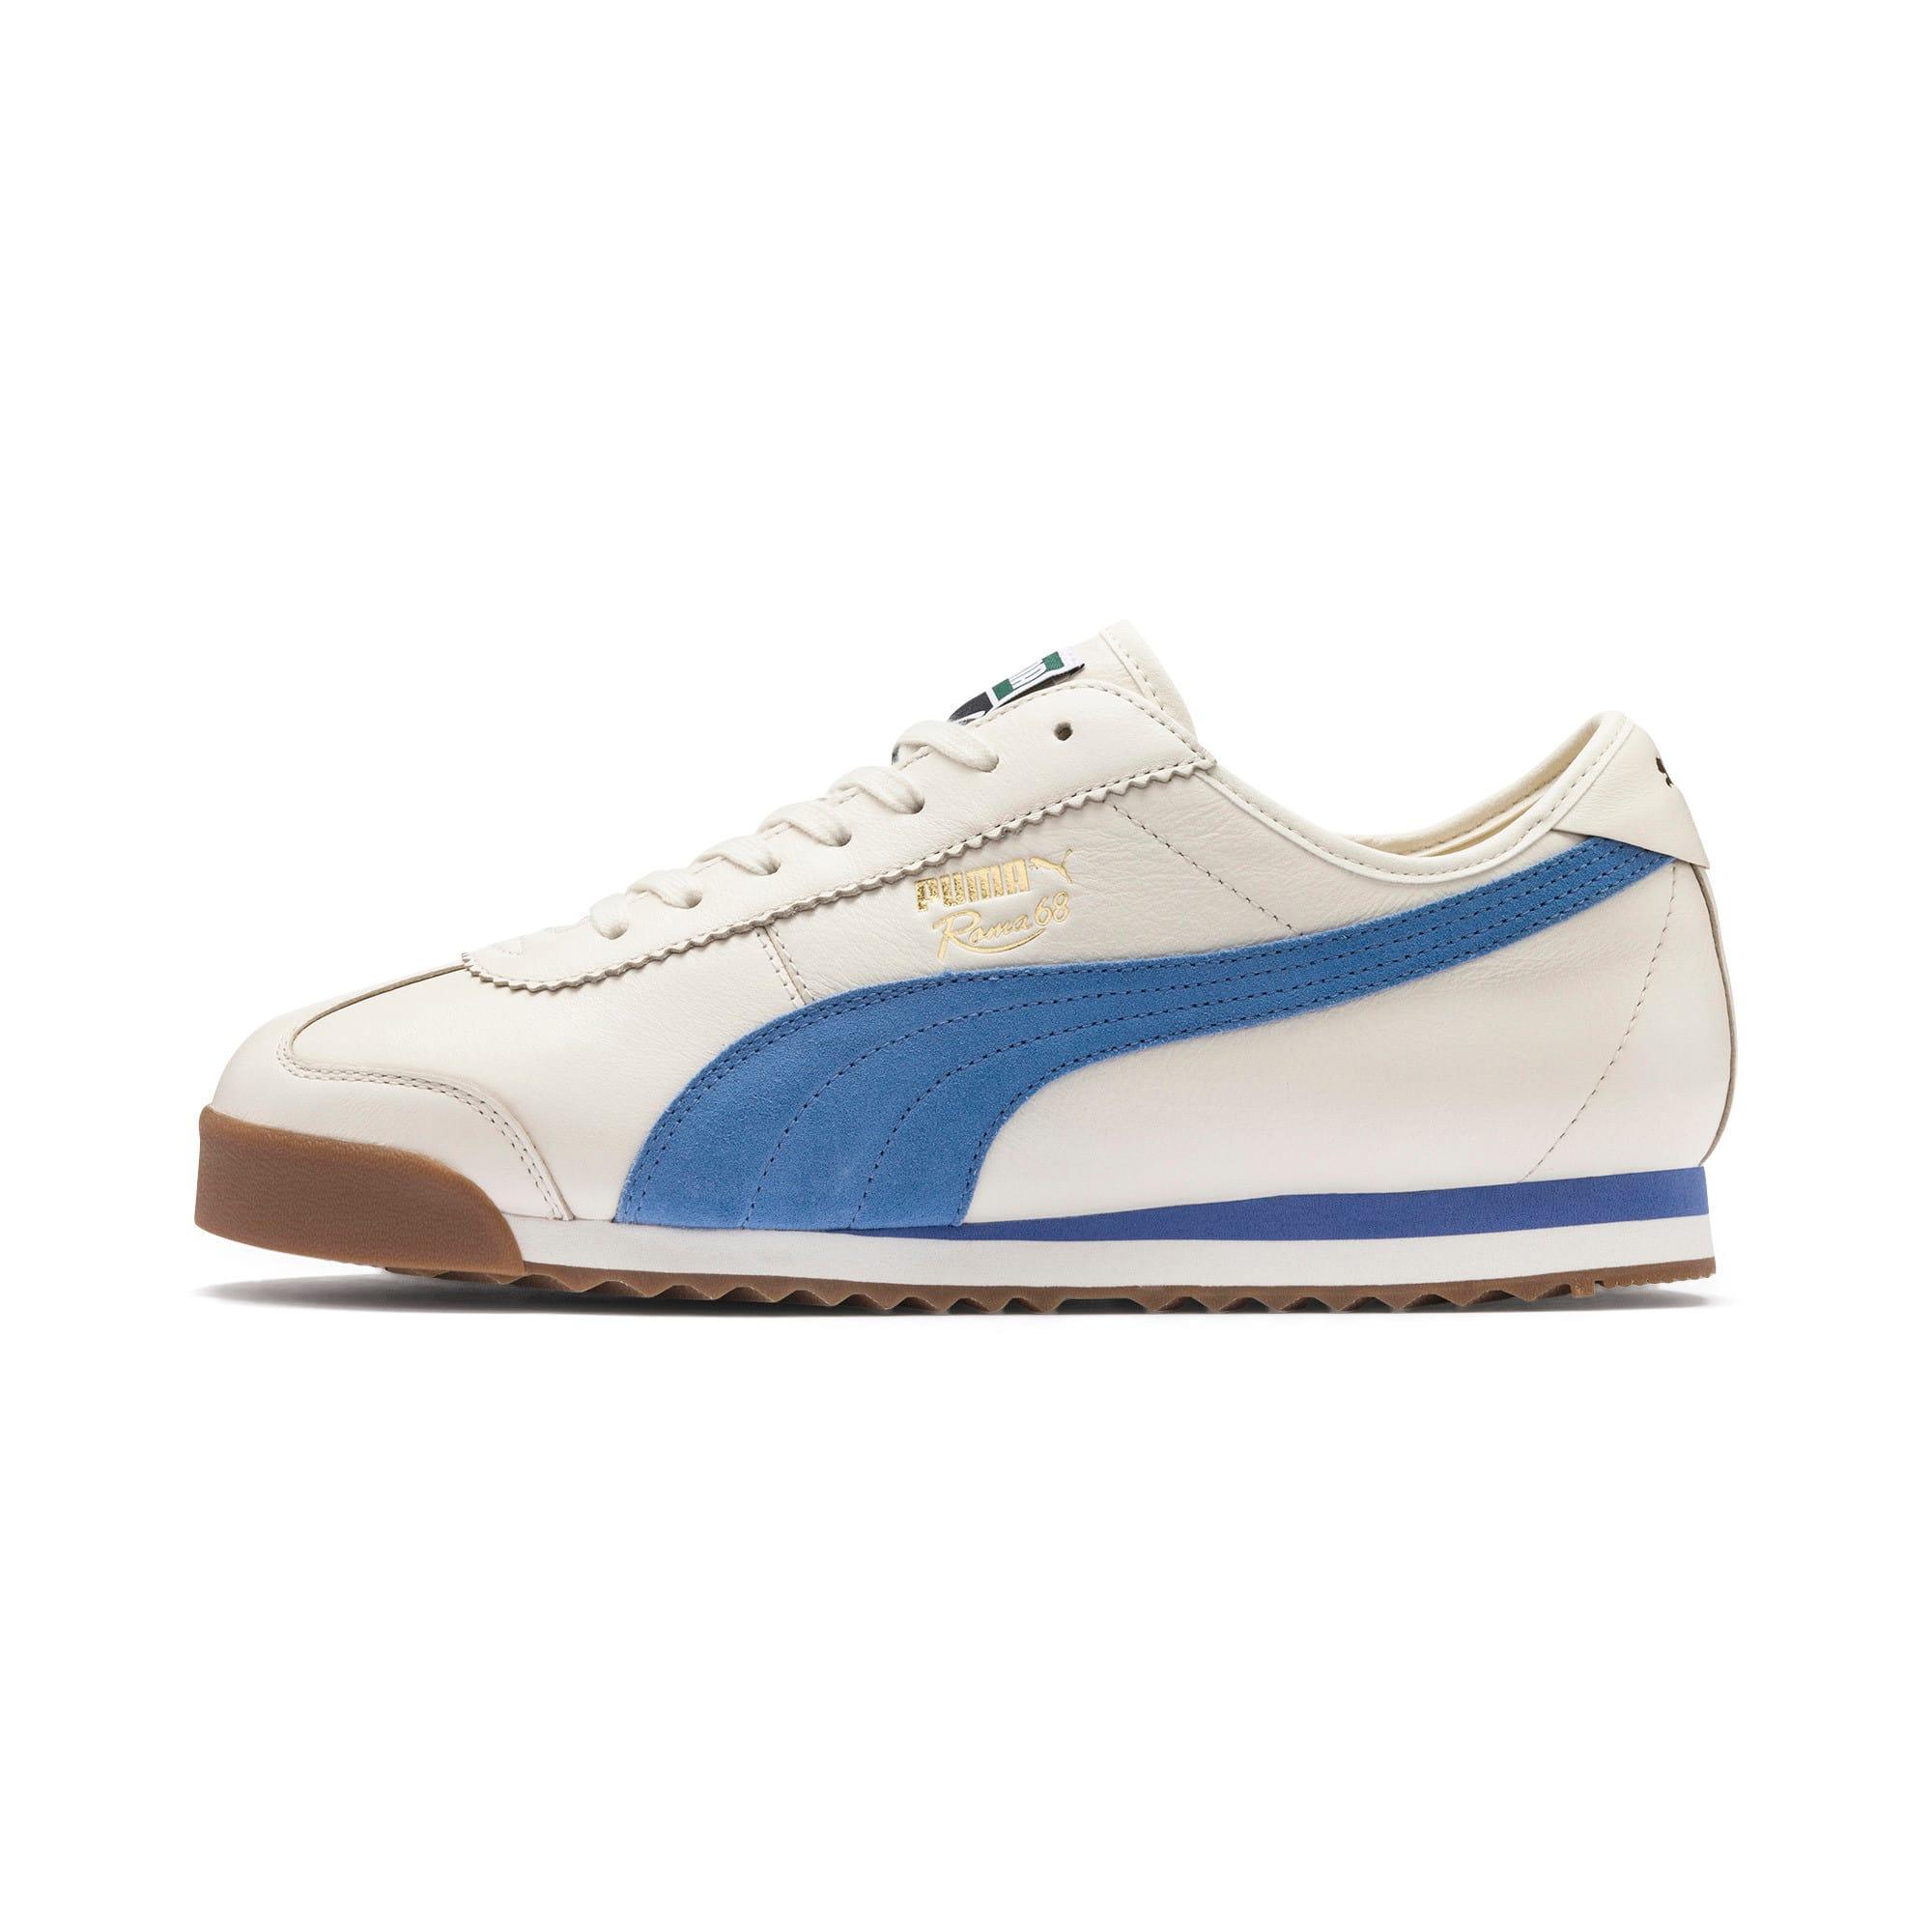 Miniatura 1 de Zapatos deportivosRoma '68 OG, Whisper White-Blue Yonder, mediano